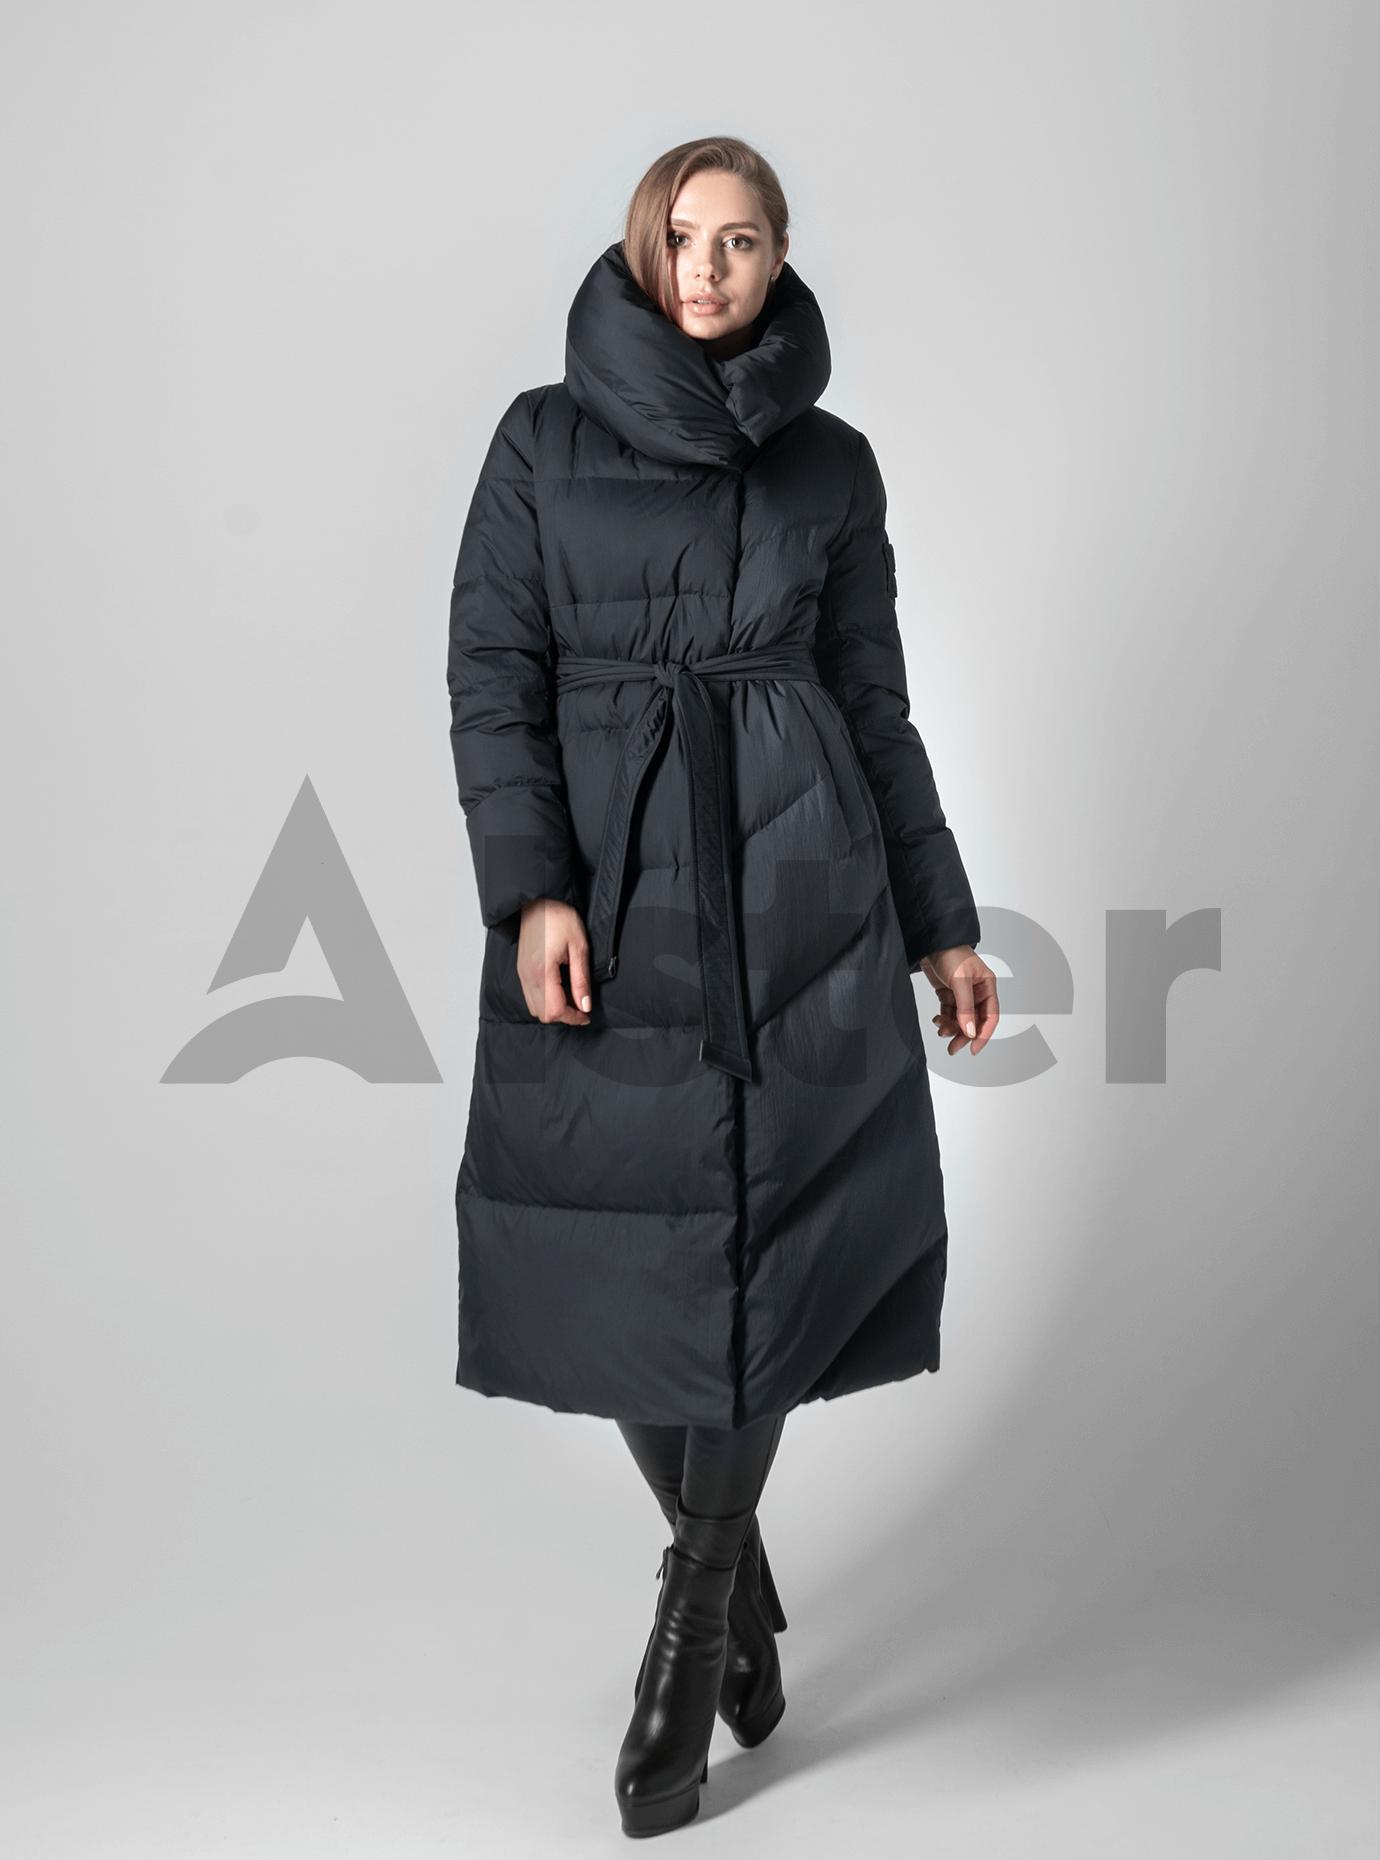 Пуховик женский с натуральным пухом Чёрный S (01-9033): фото - Alster.ua